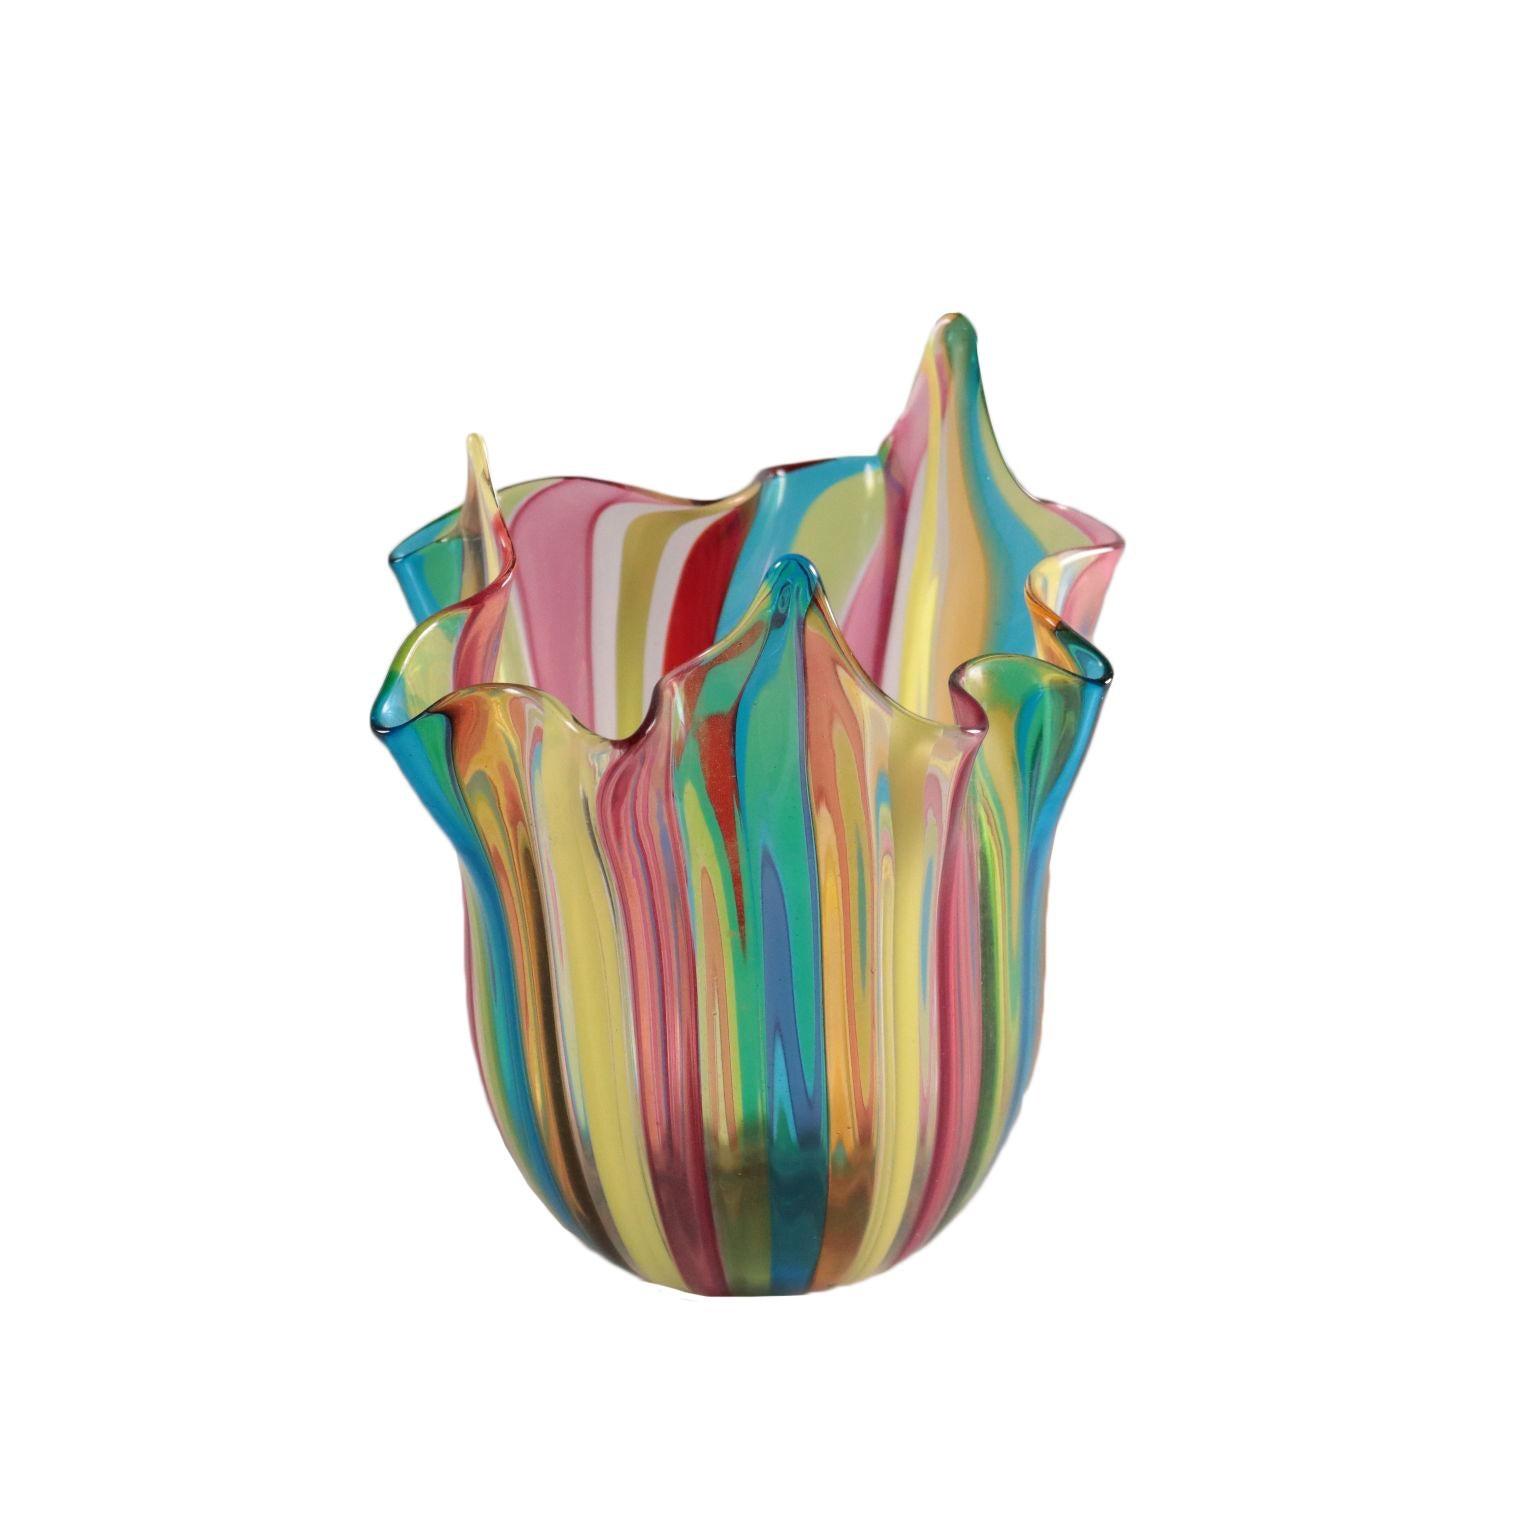 Handkerchief Vase Blown Glass Murano Italy 20th Century